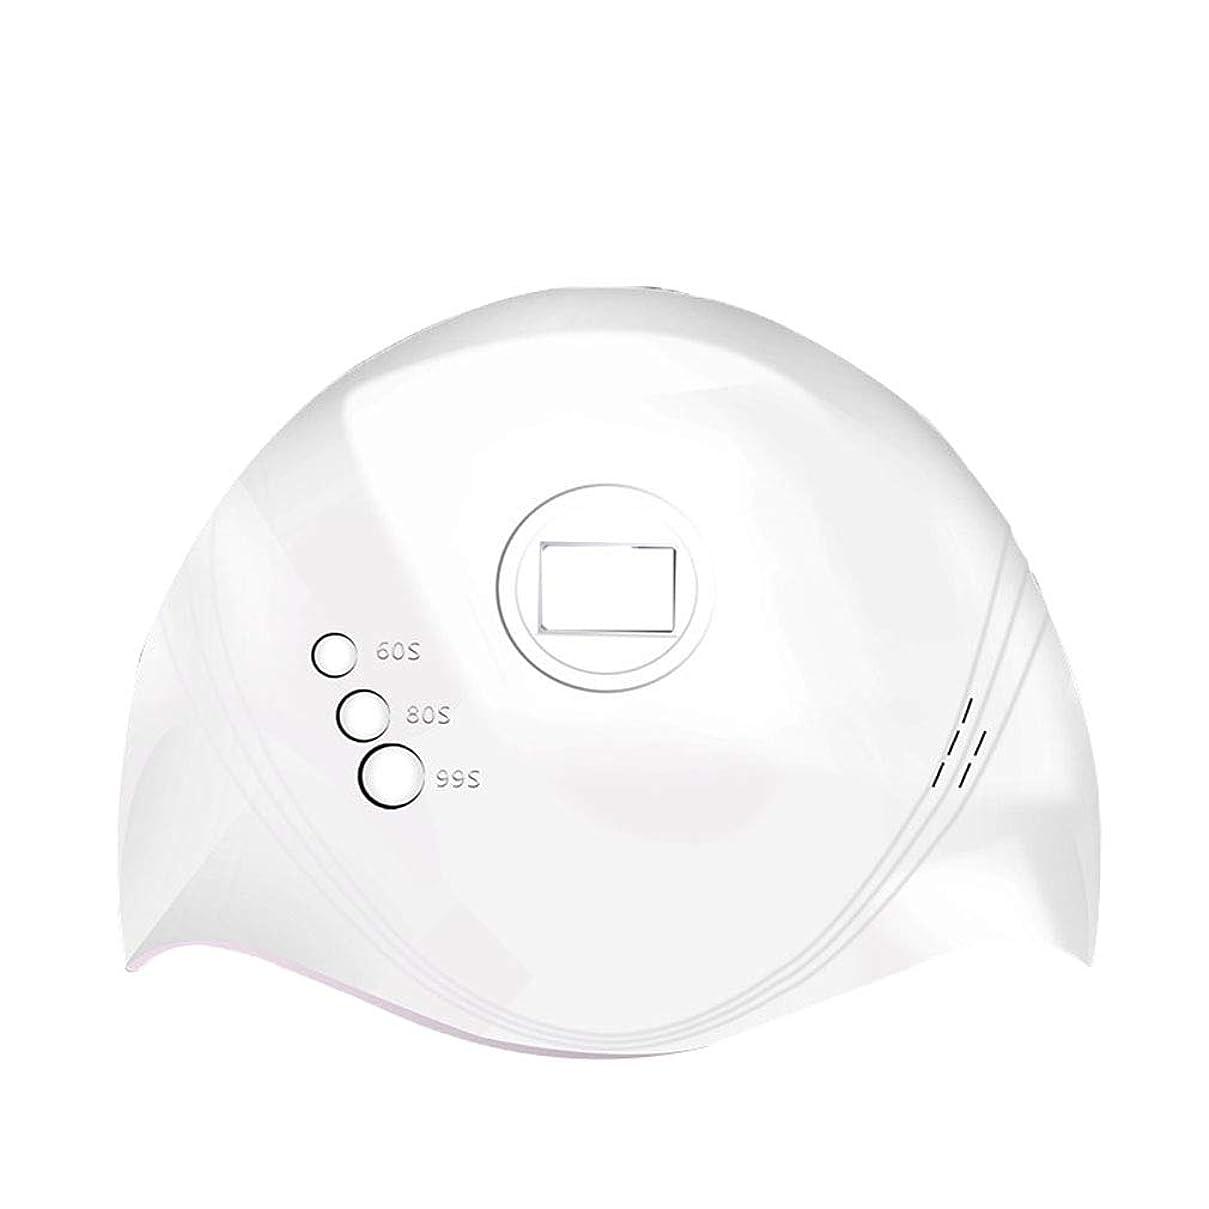 ロバインターネット想像力豊かな36Wネイルドライヤー、ネイル用ポータブルLED / UVランプ赤外線センサー付きネイルランプおよび60秒/ 80秒時間設定、99秒低発熱、すべてのゲルに対応